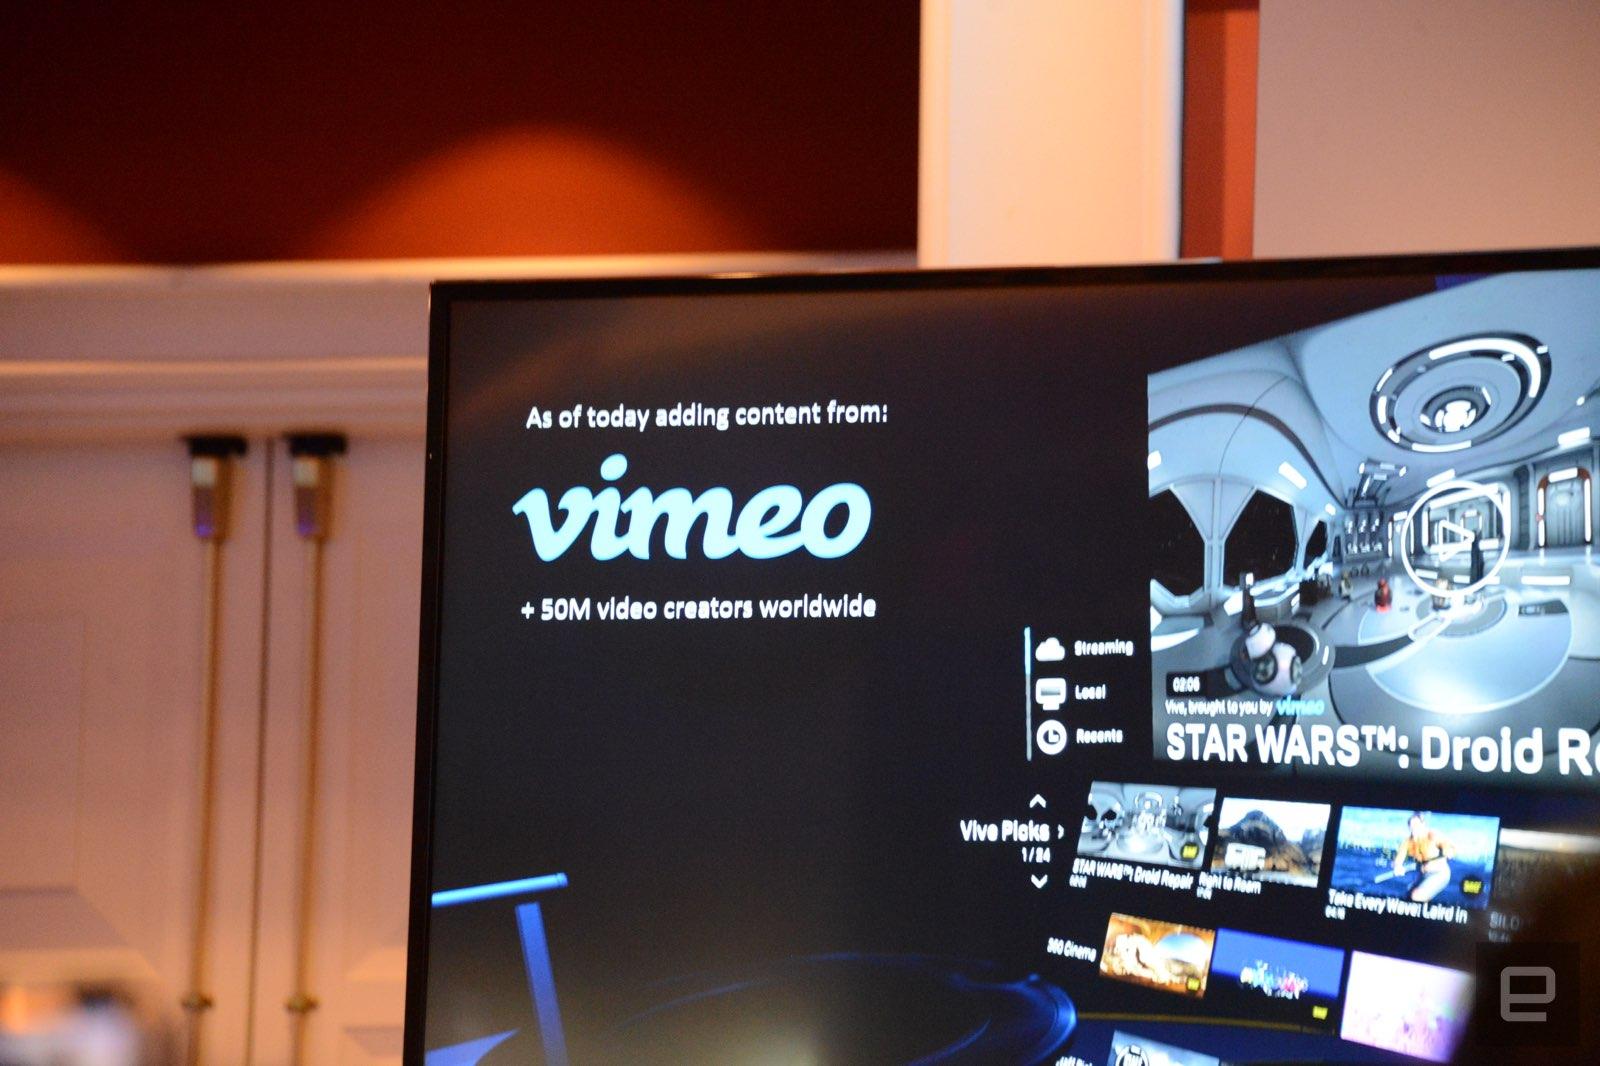 40da6fe27 Vive Pro je nový headset, ktorý umožňuje vylepšiť súčasný systém HTC Vive  skutočným nadšencom aj profesionálom. Ocenia ho tí, ktorí od virtuálnej  reality ...